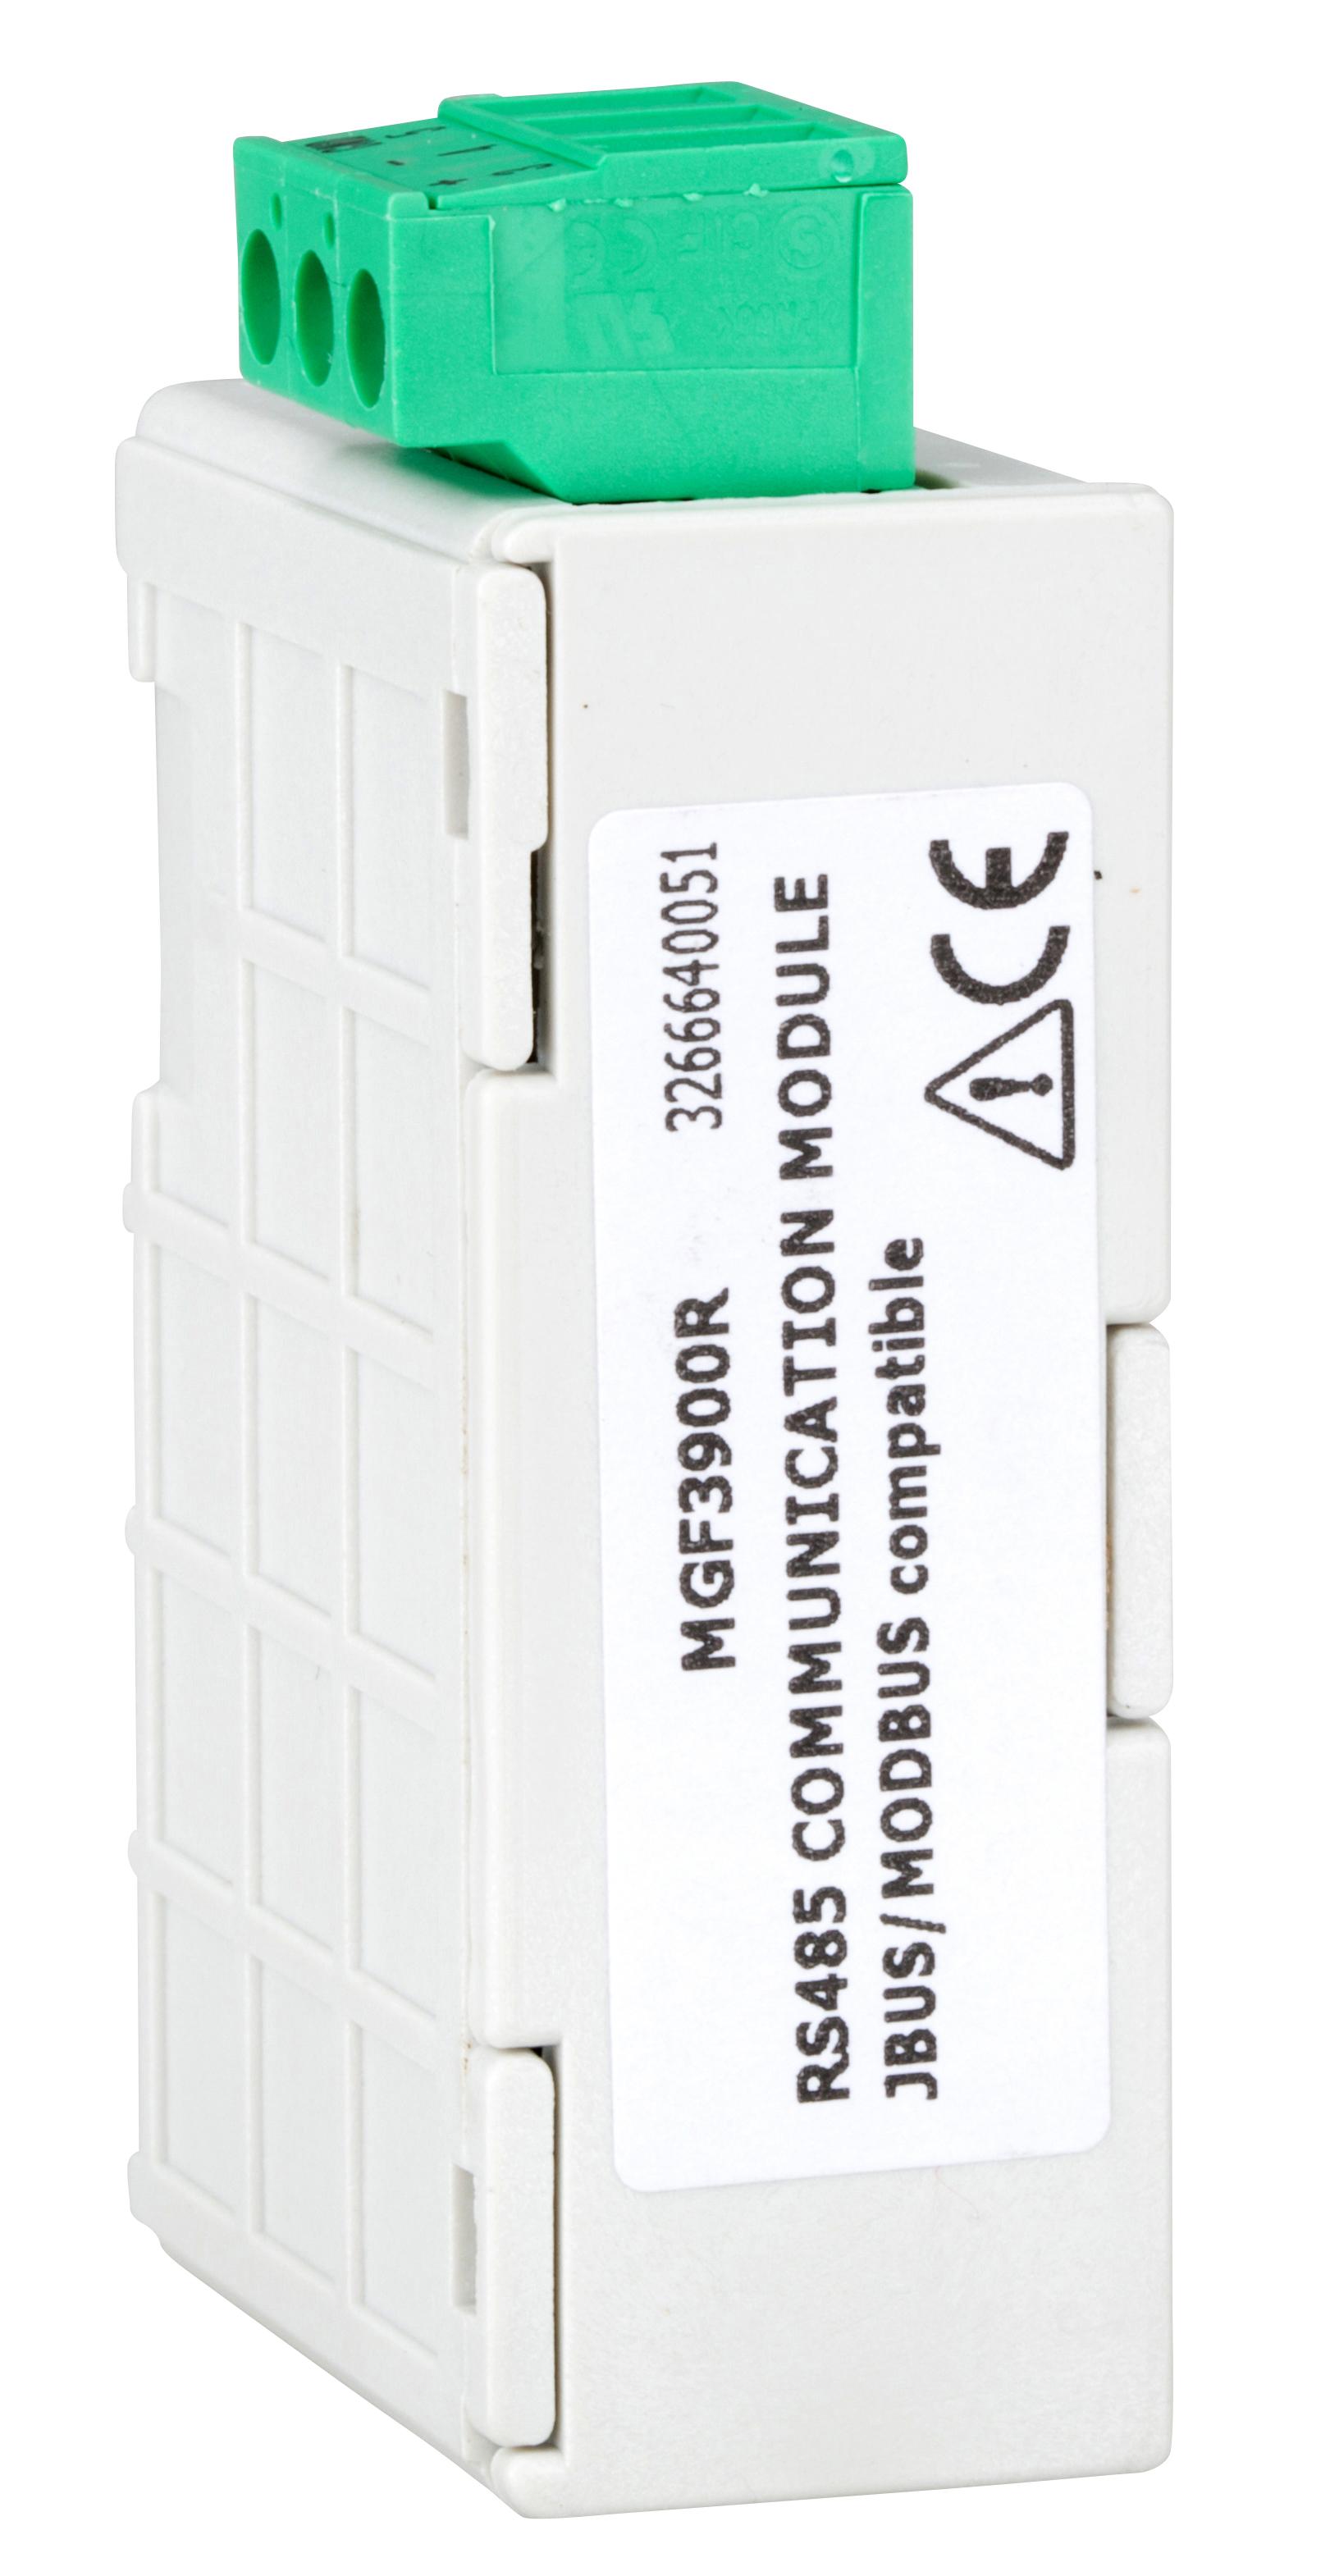 1 Stk Steckmodul für RS485 zu NA96 und NA96+ MGF3900R--